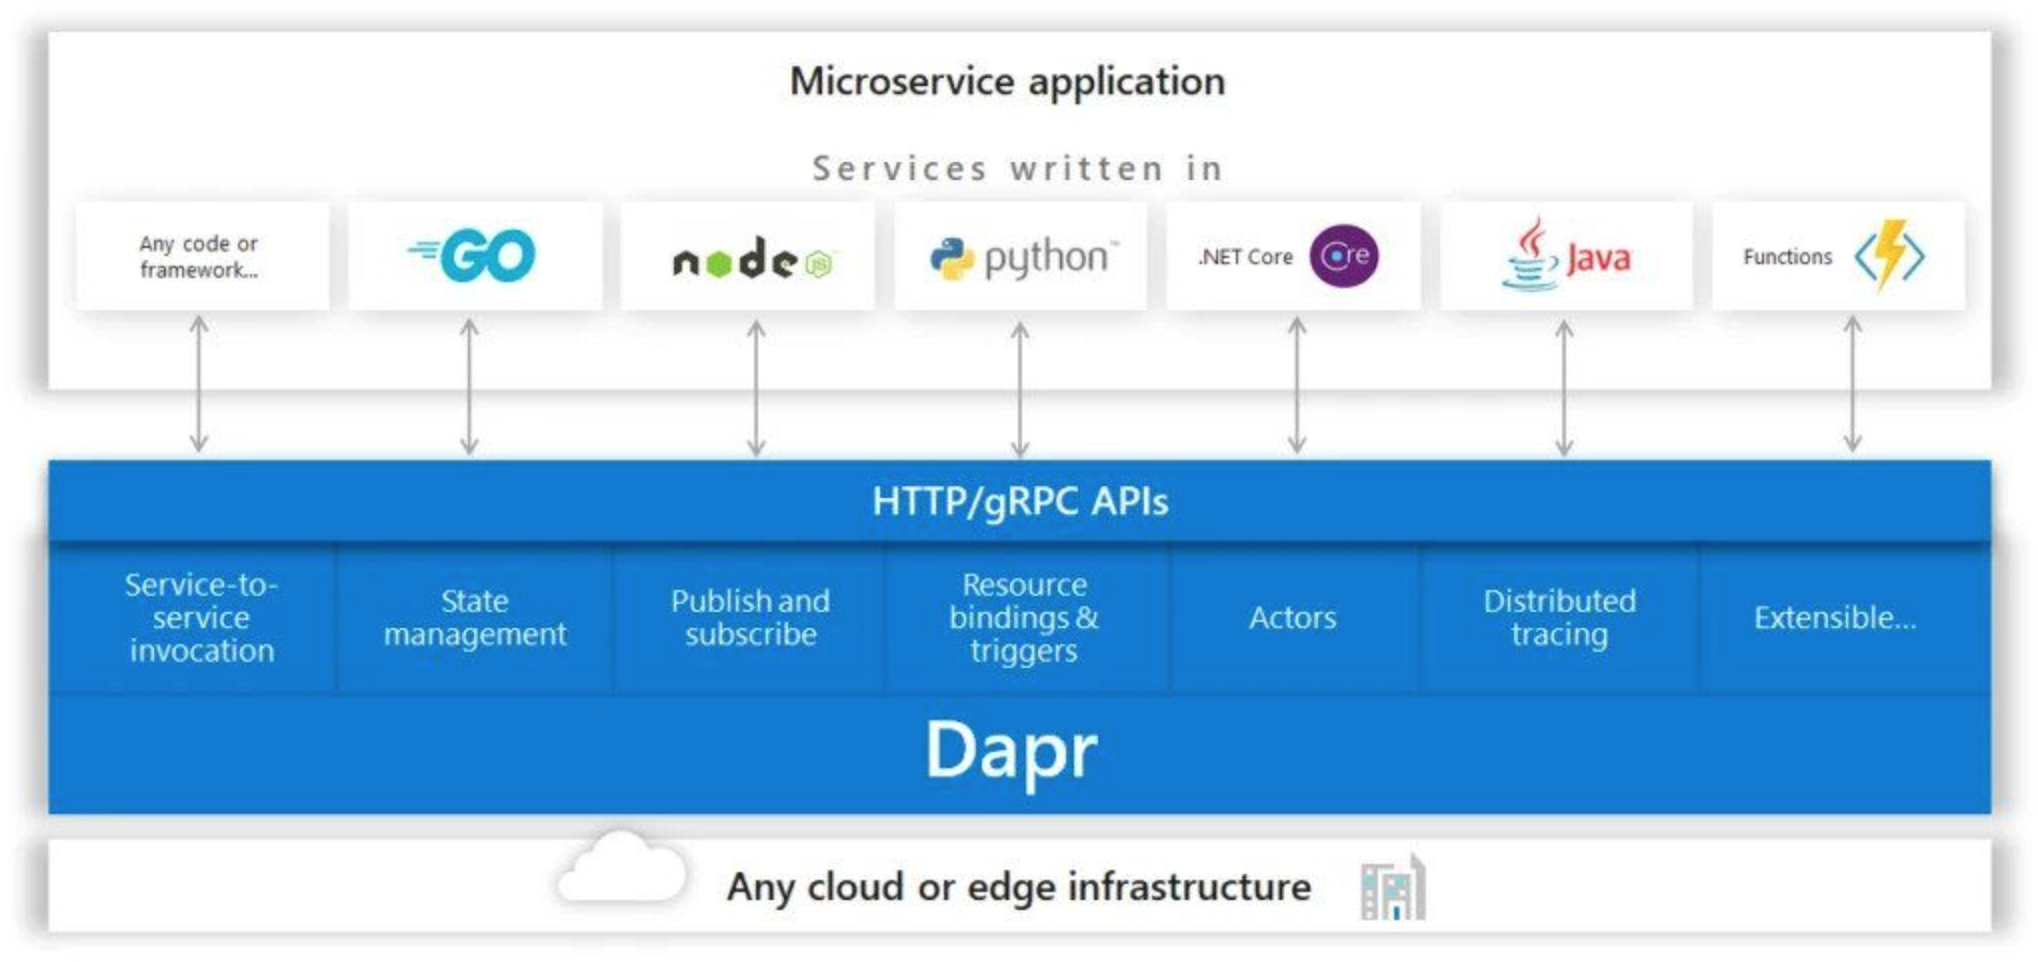 基于微软的Dapr构建微服务系统